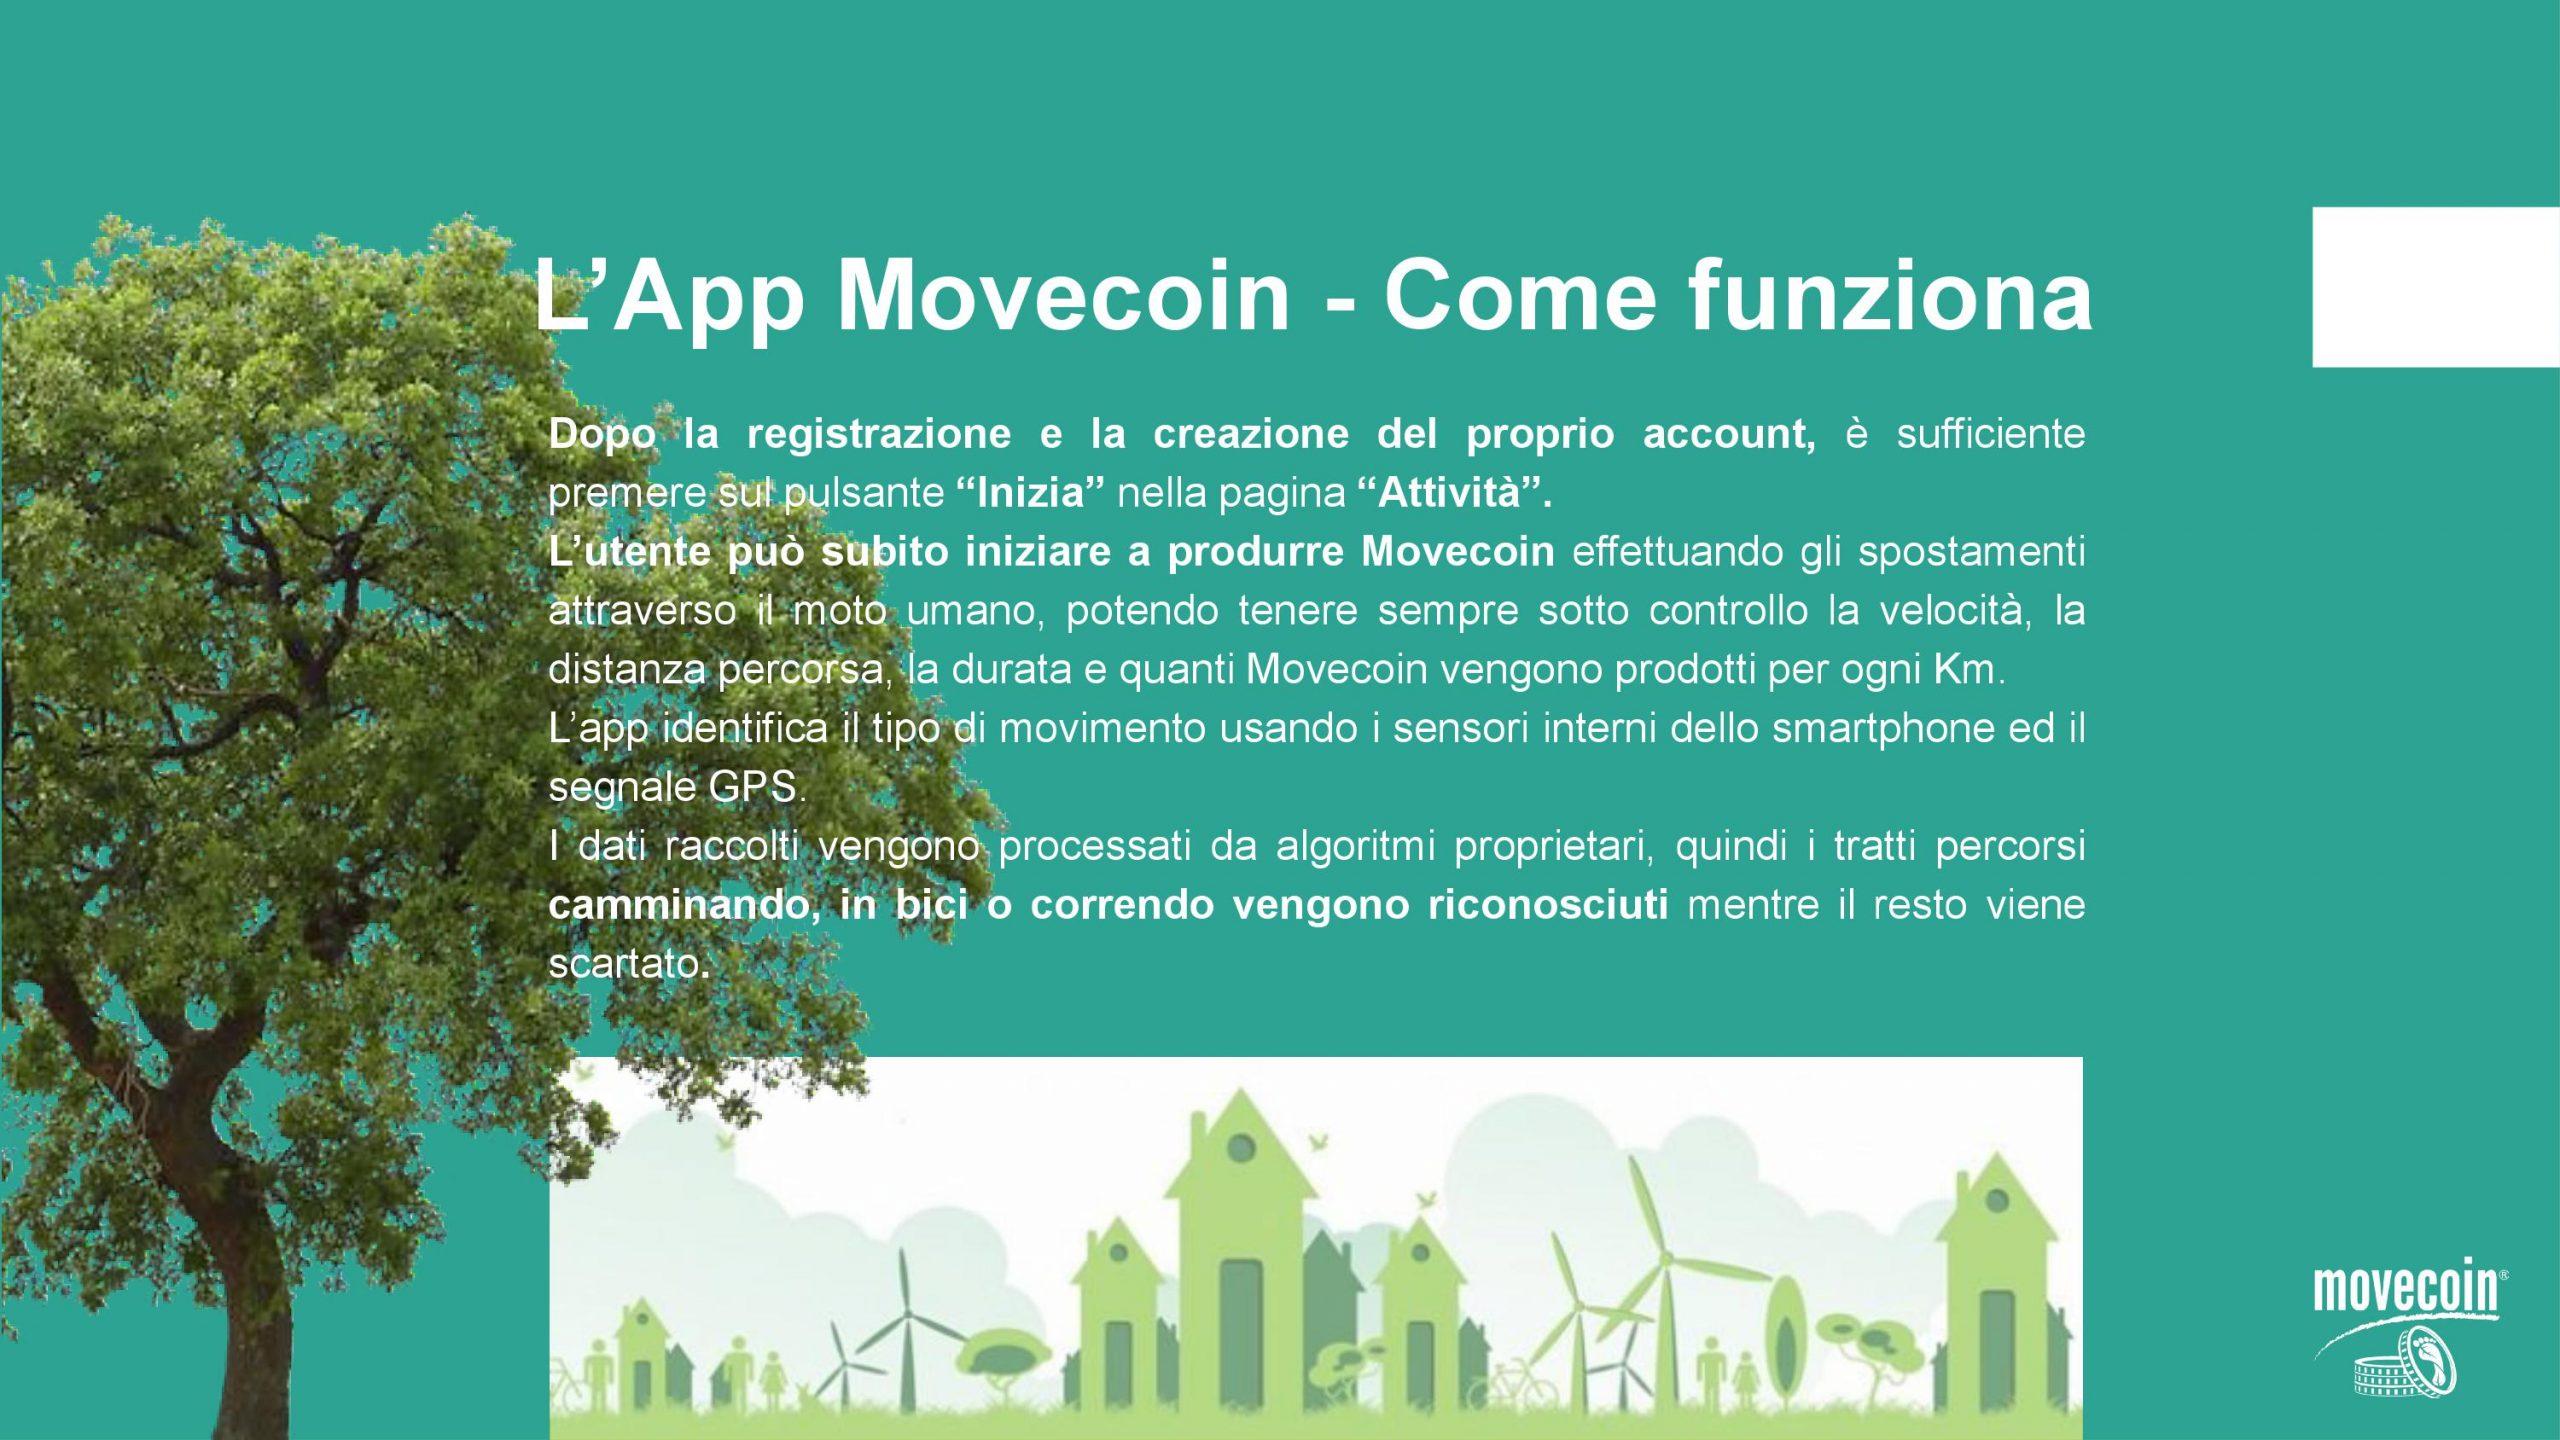 Il Move: come funziona l'app